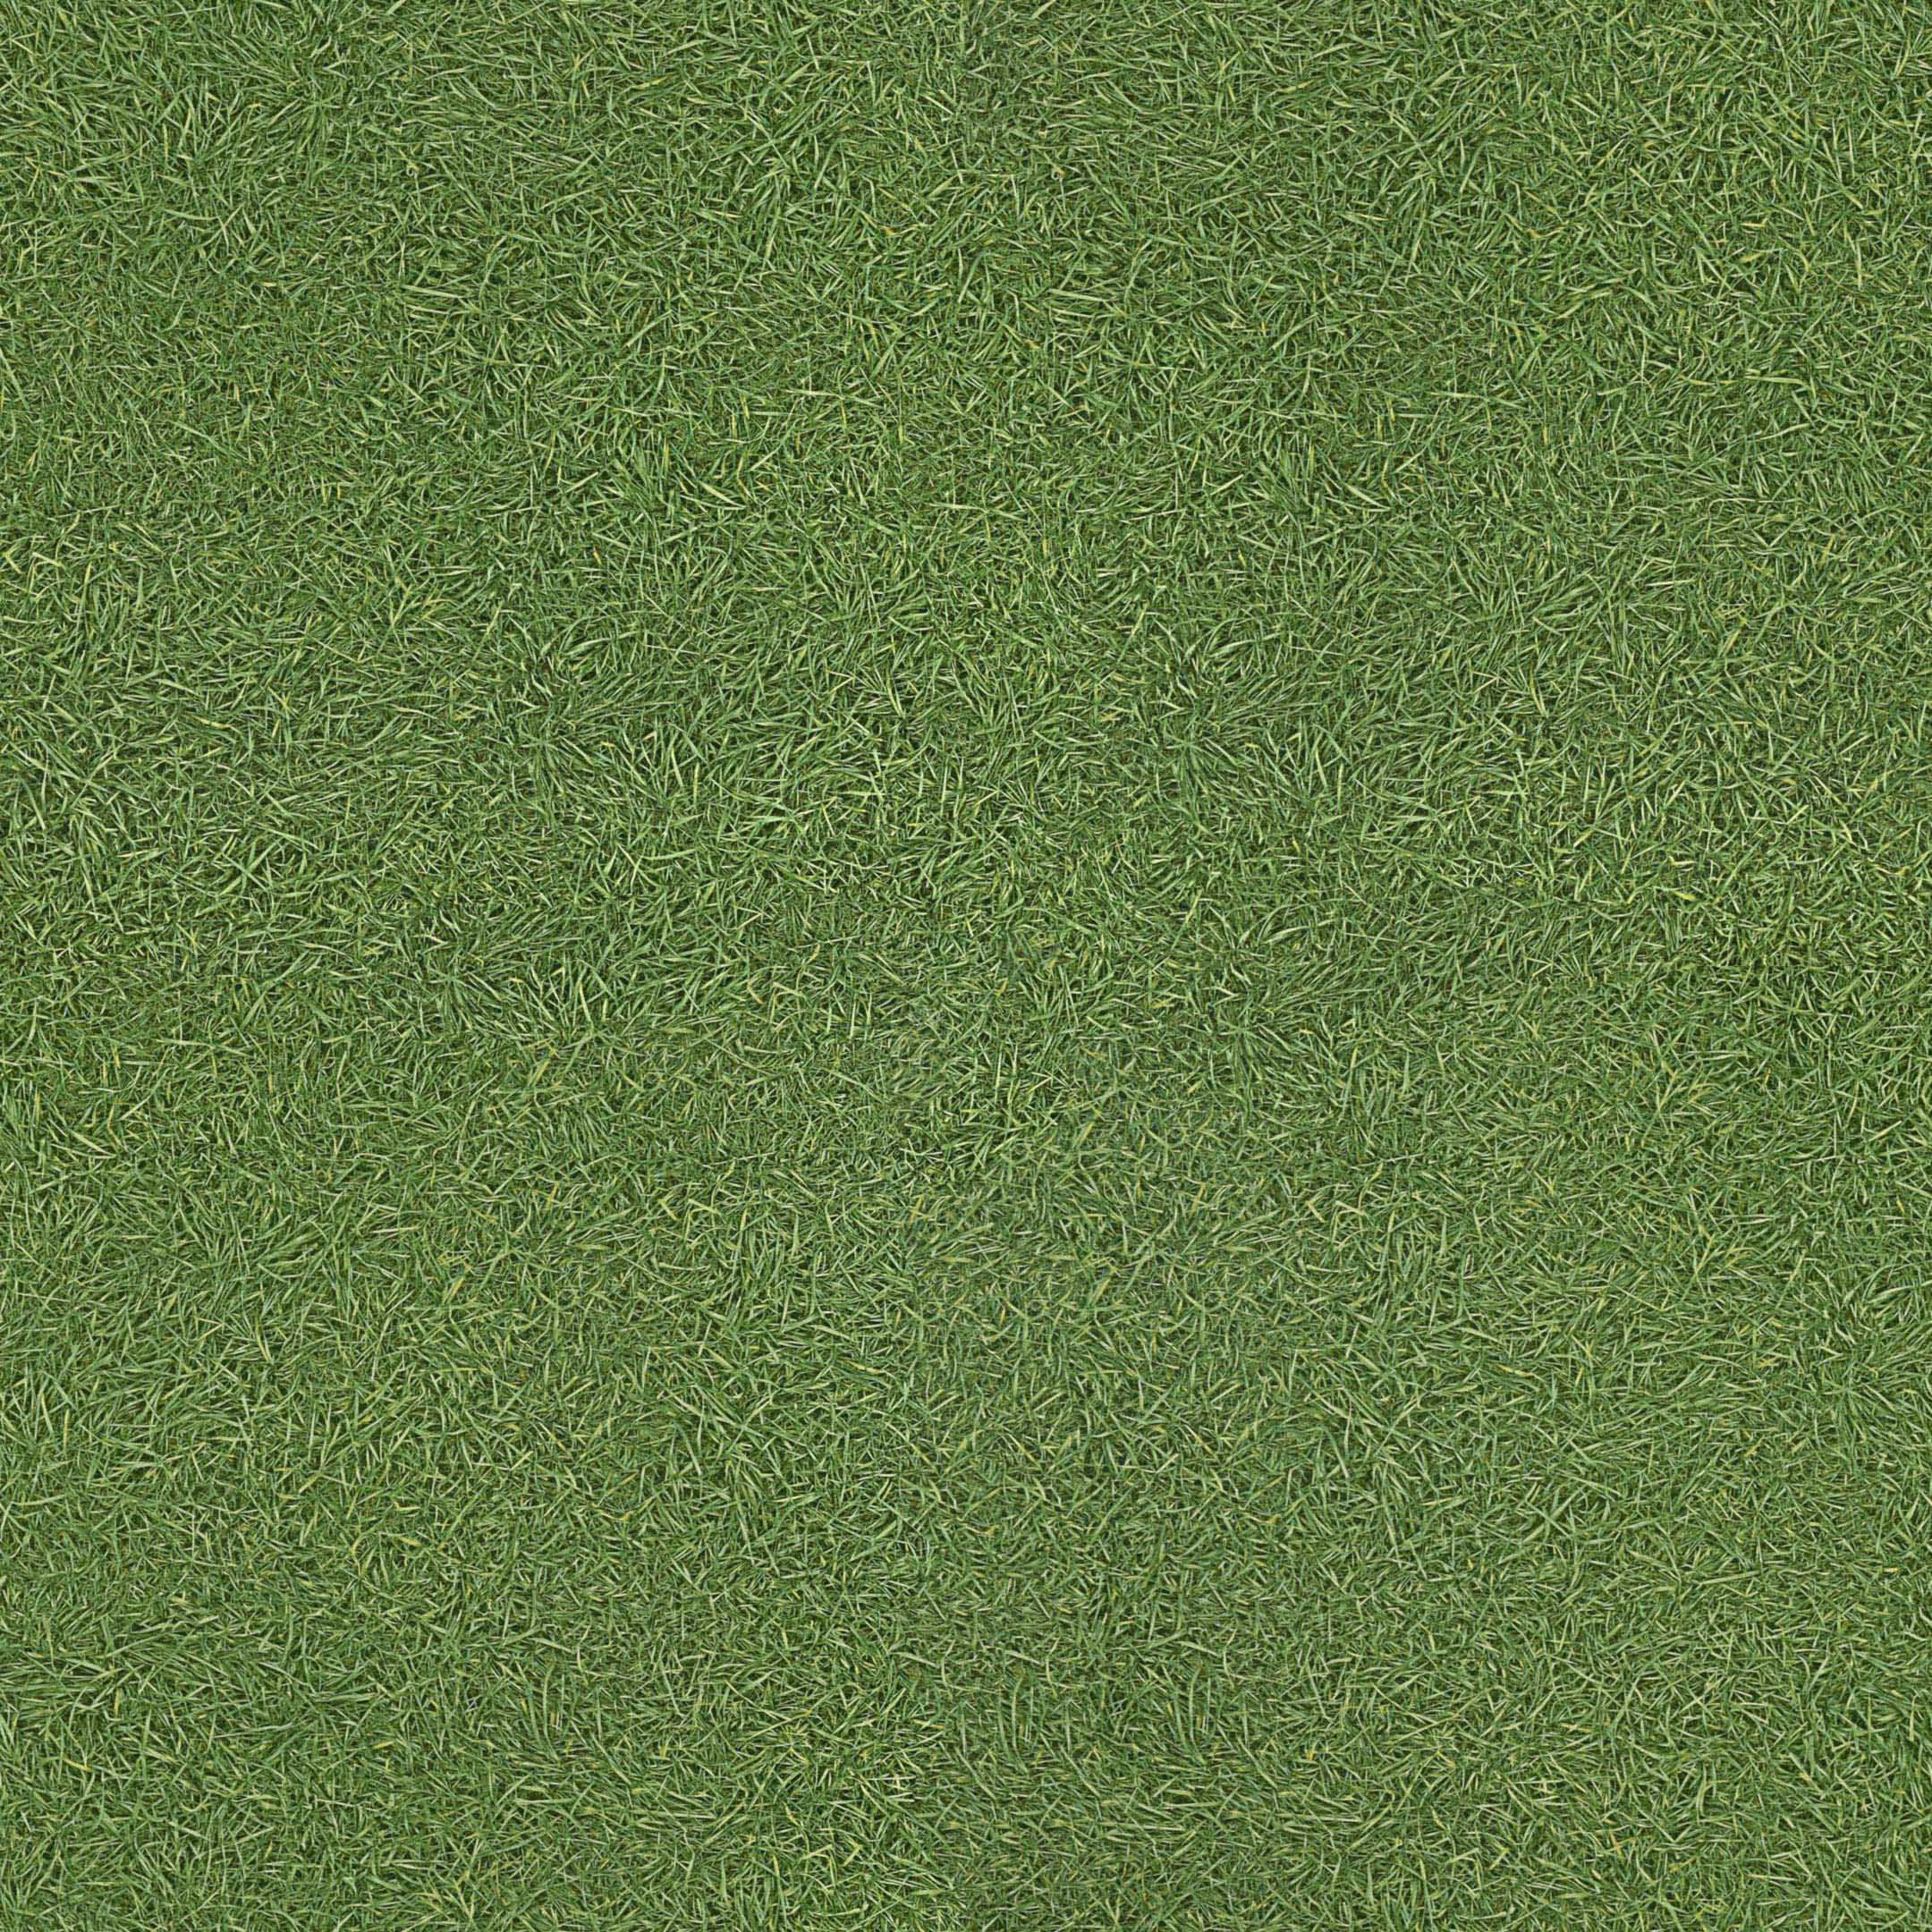 Линолеум IVC Vision Grass T25 полукоммерческий 3 м